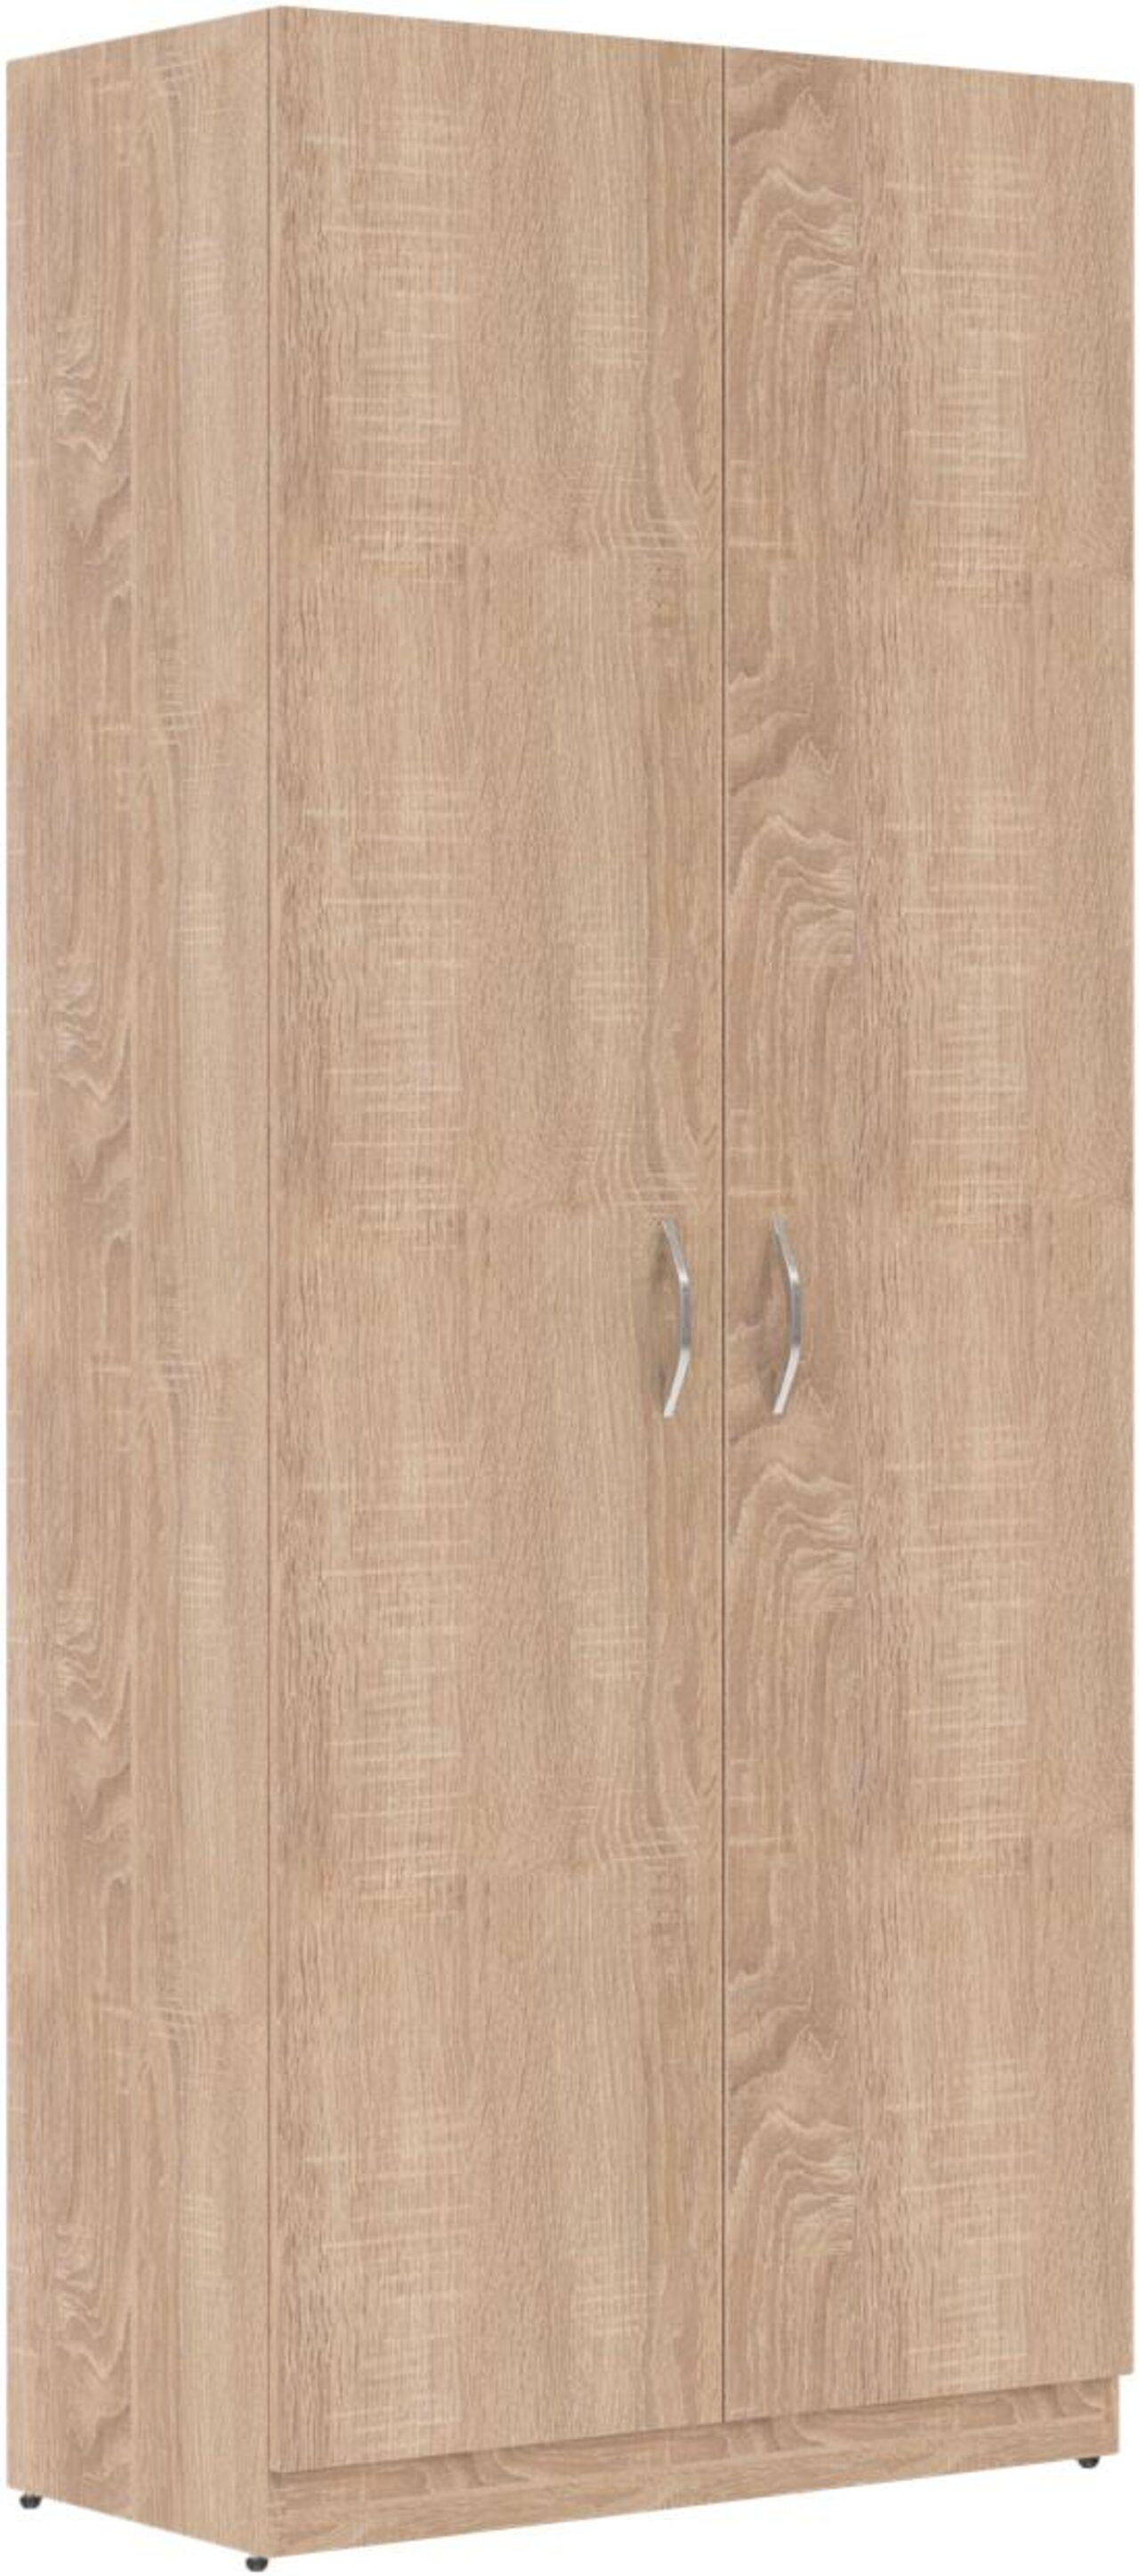 Шкаф широкий  Simple 77x38x182 - фото 4